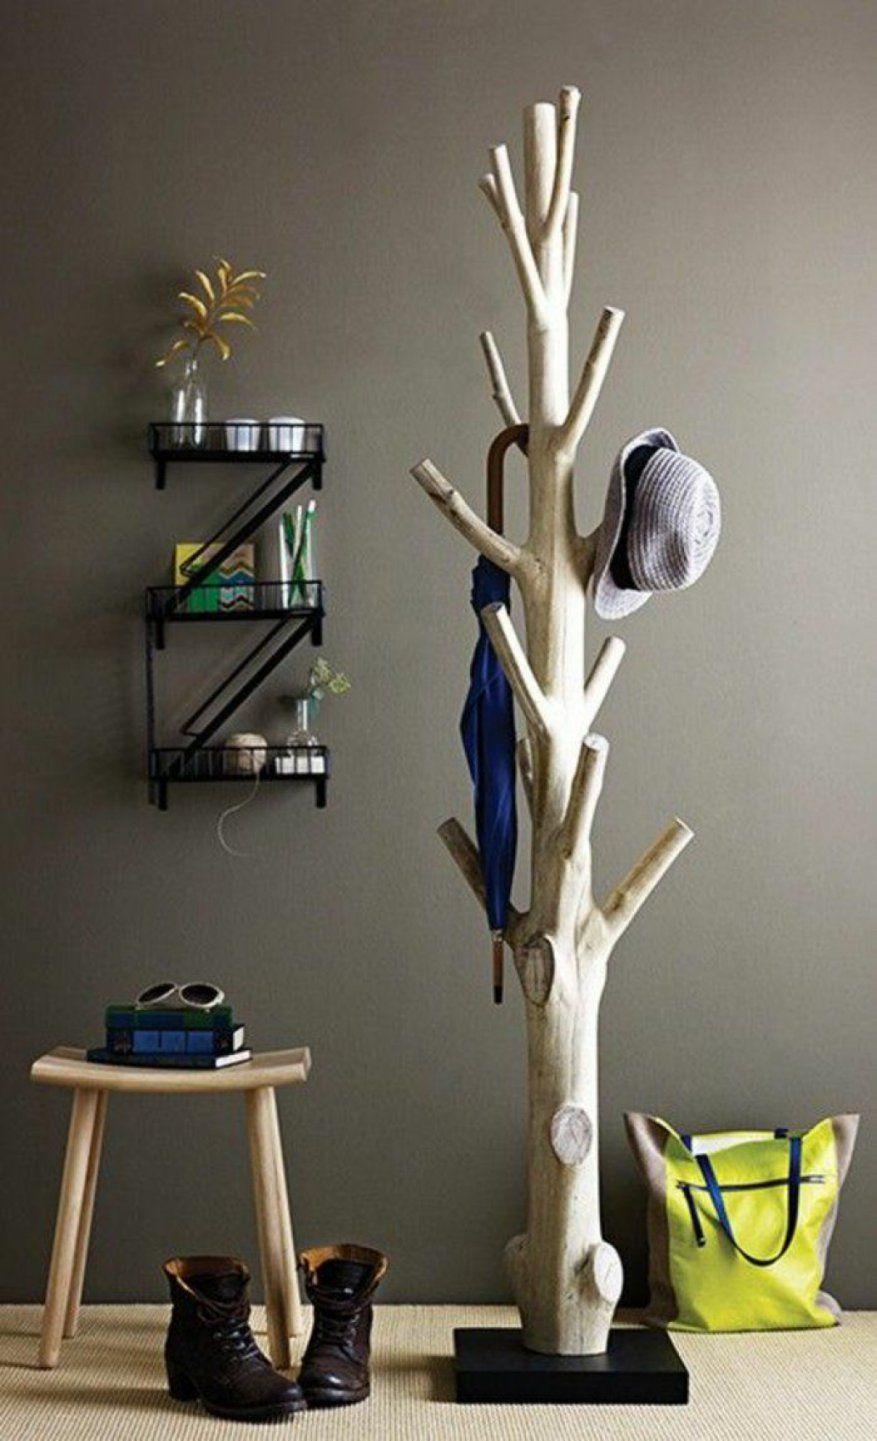 Erstaunlich Garderobe Baum Selber Bauen Garderobe Holzstamm Swalif von Garderobe Selber Bauen Baum Photo